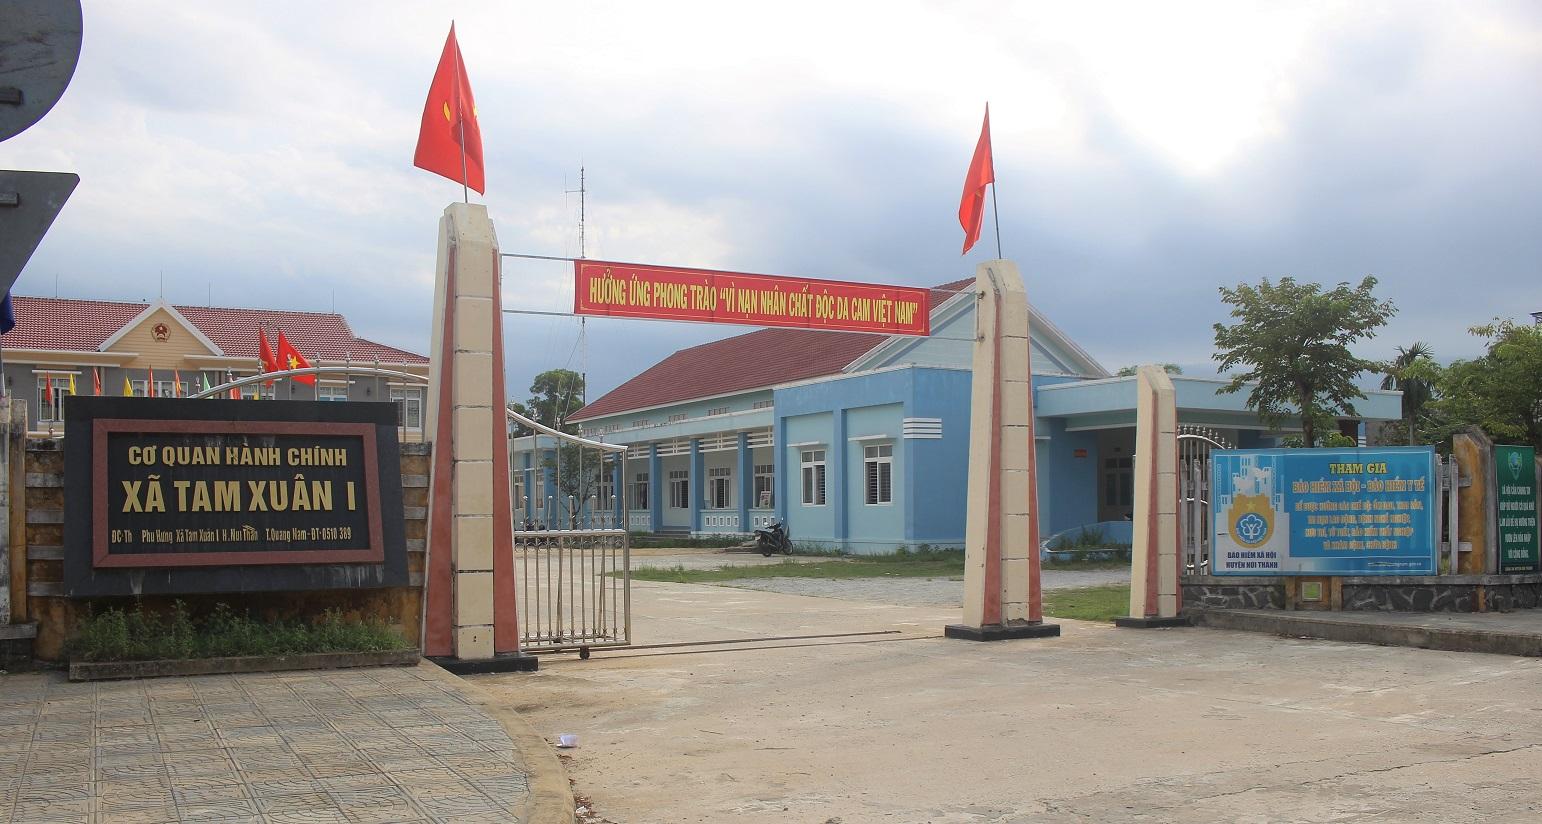 Quảng Nam: Điều tra vụ trộm phá cửa phòng lãnh đạo xã lấy tài sản - Ảnh 1